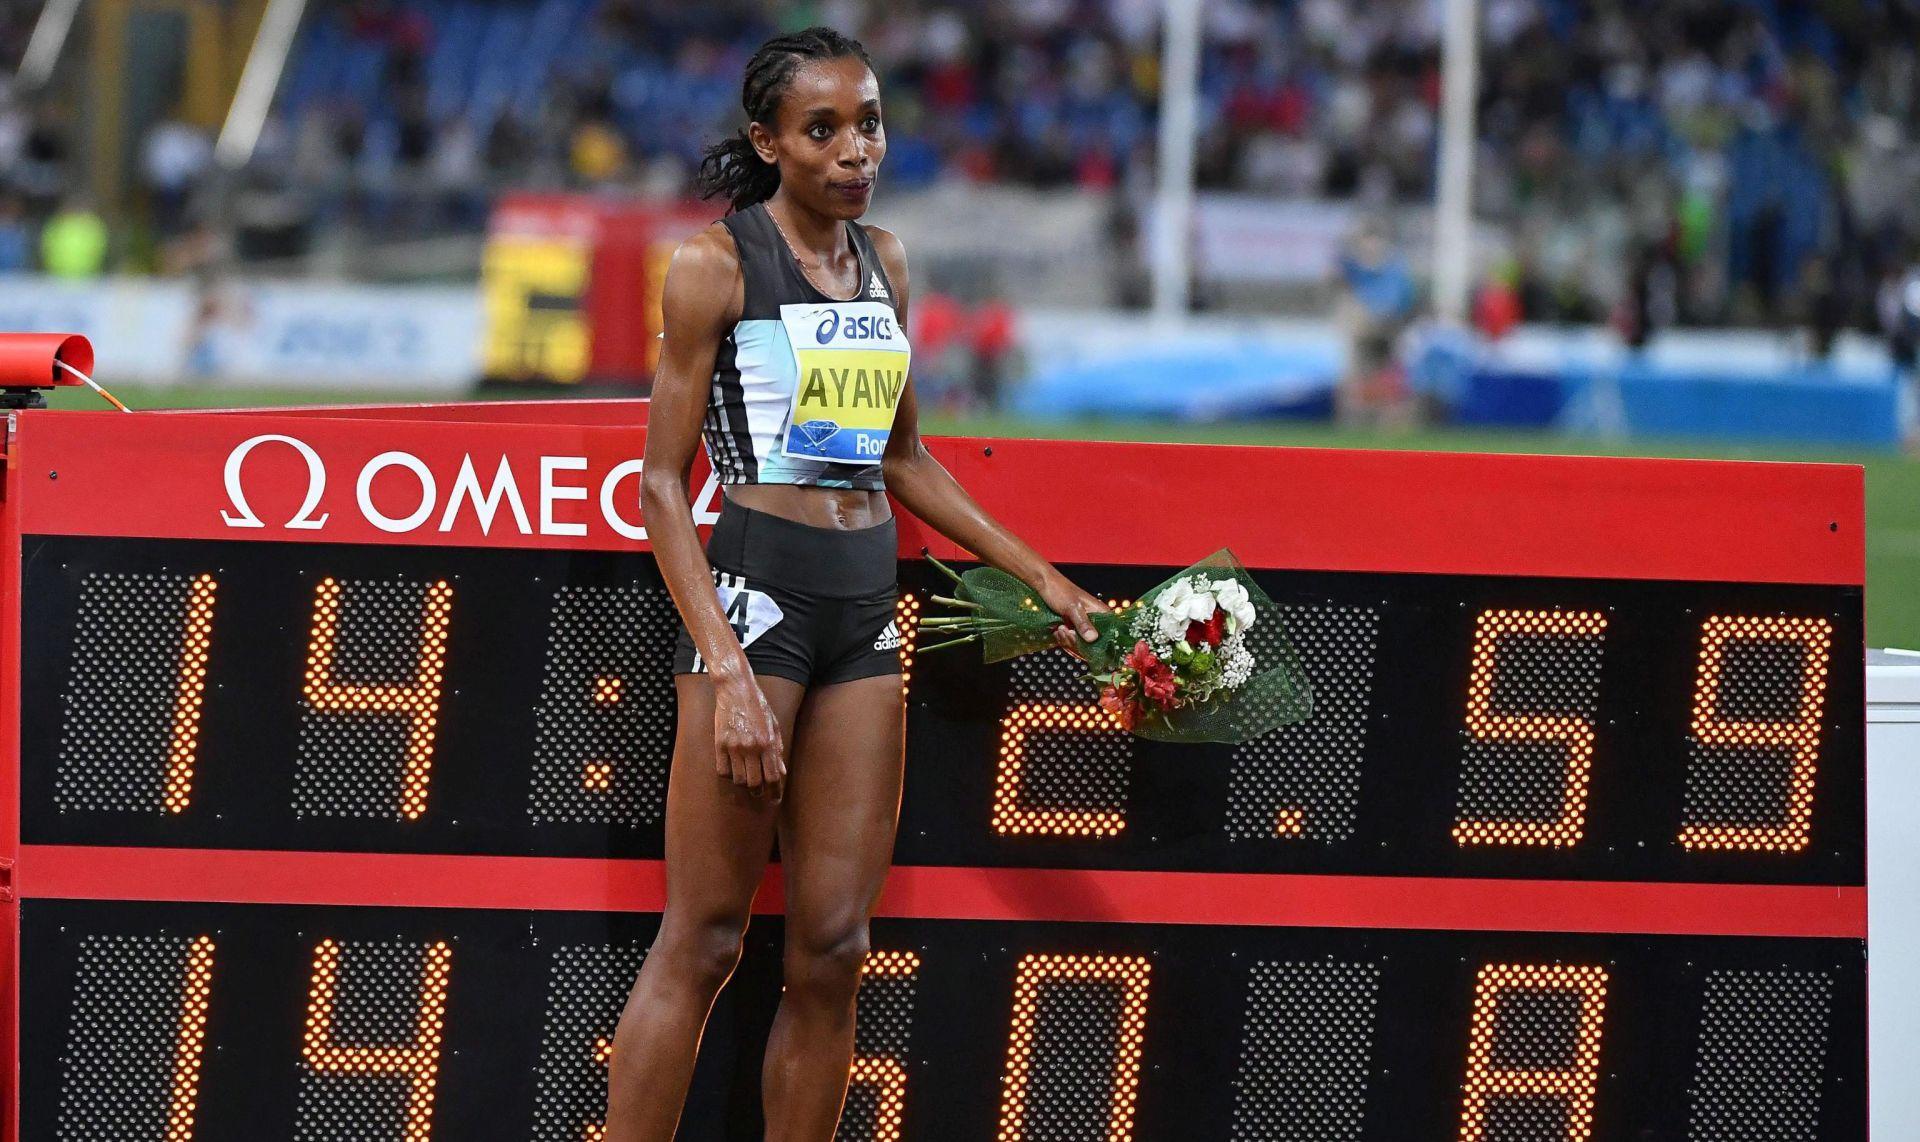 DIJAMANTNA LIGA Ayana istrčala drugi rezultat svih vremena na 5km